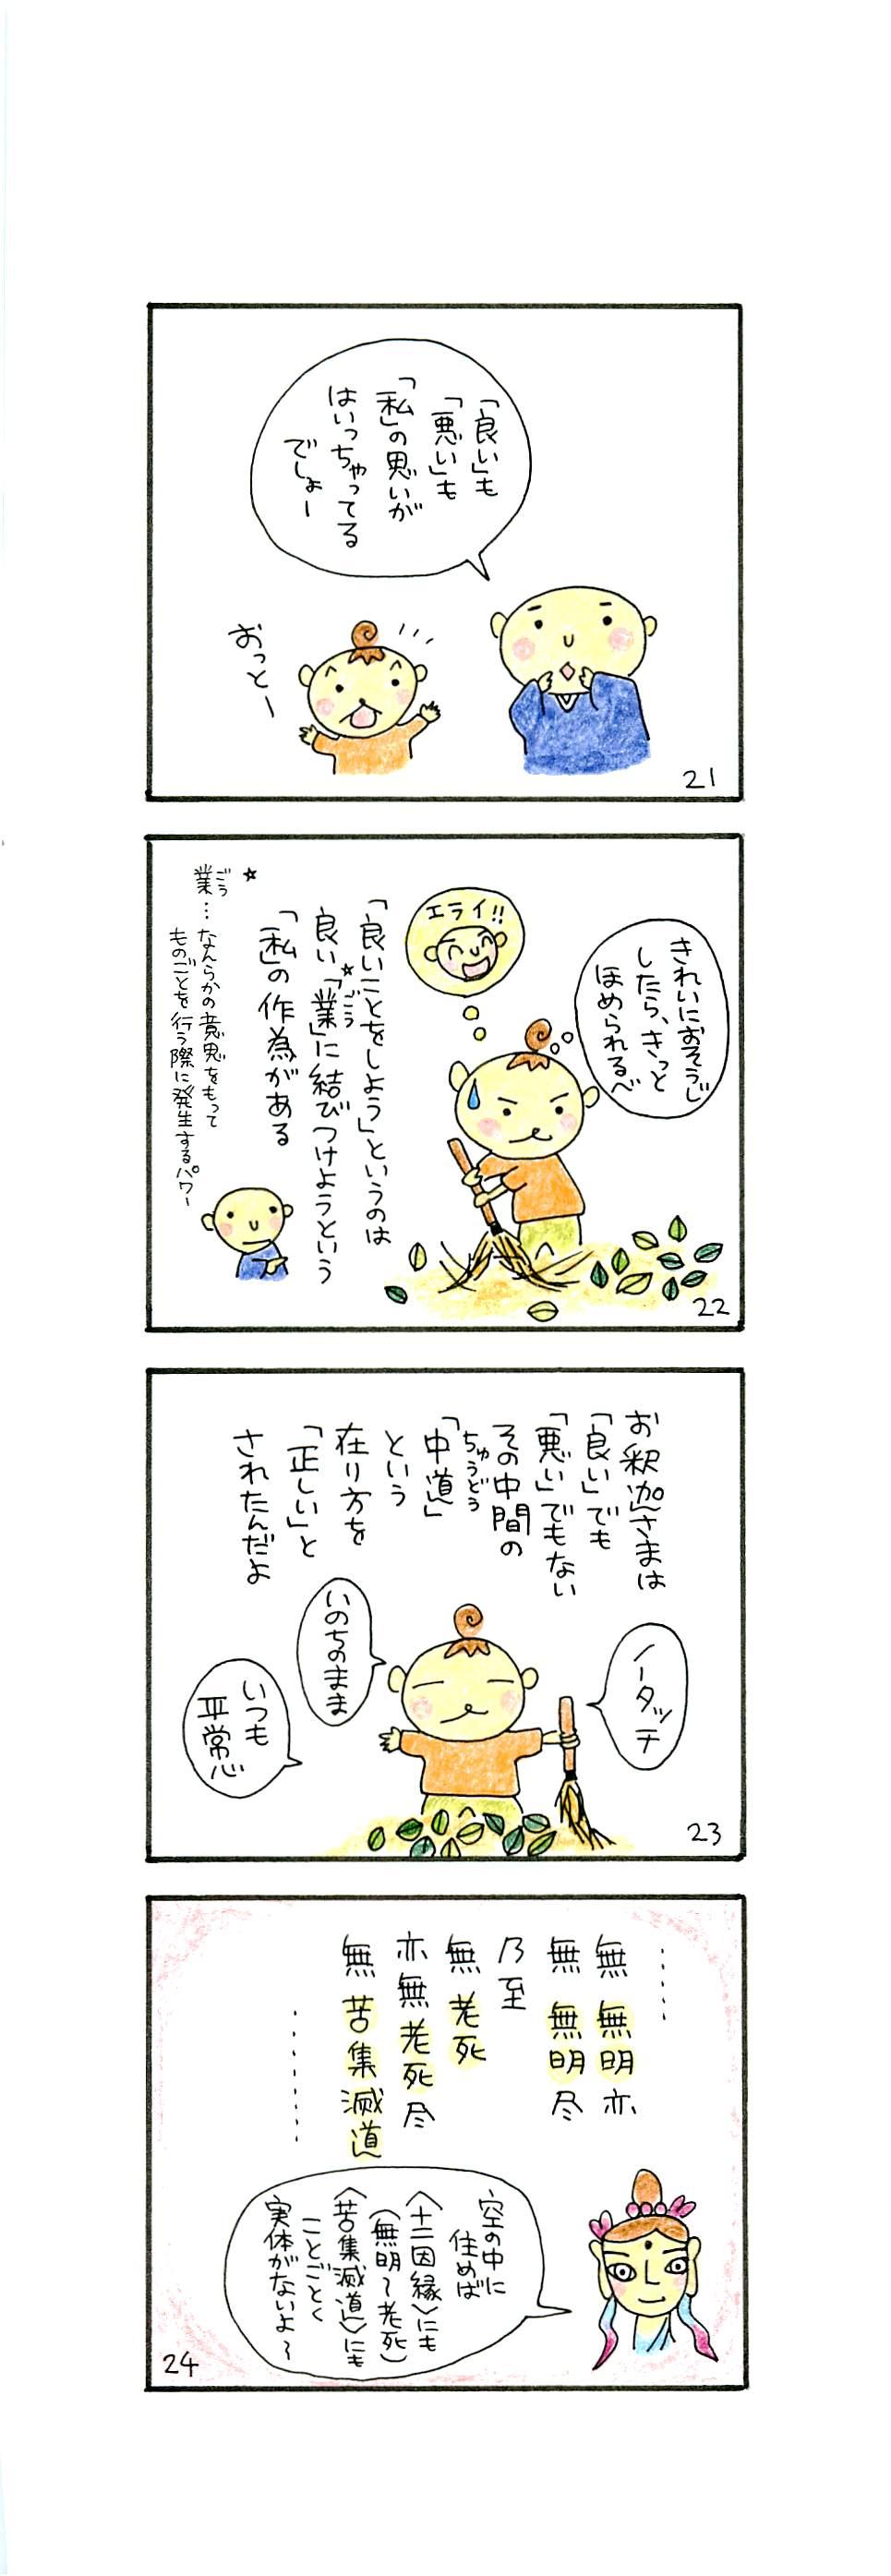 般若心経「縁起」p21-p24